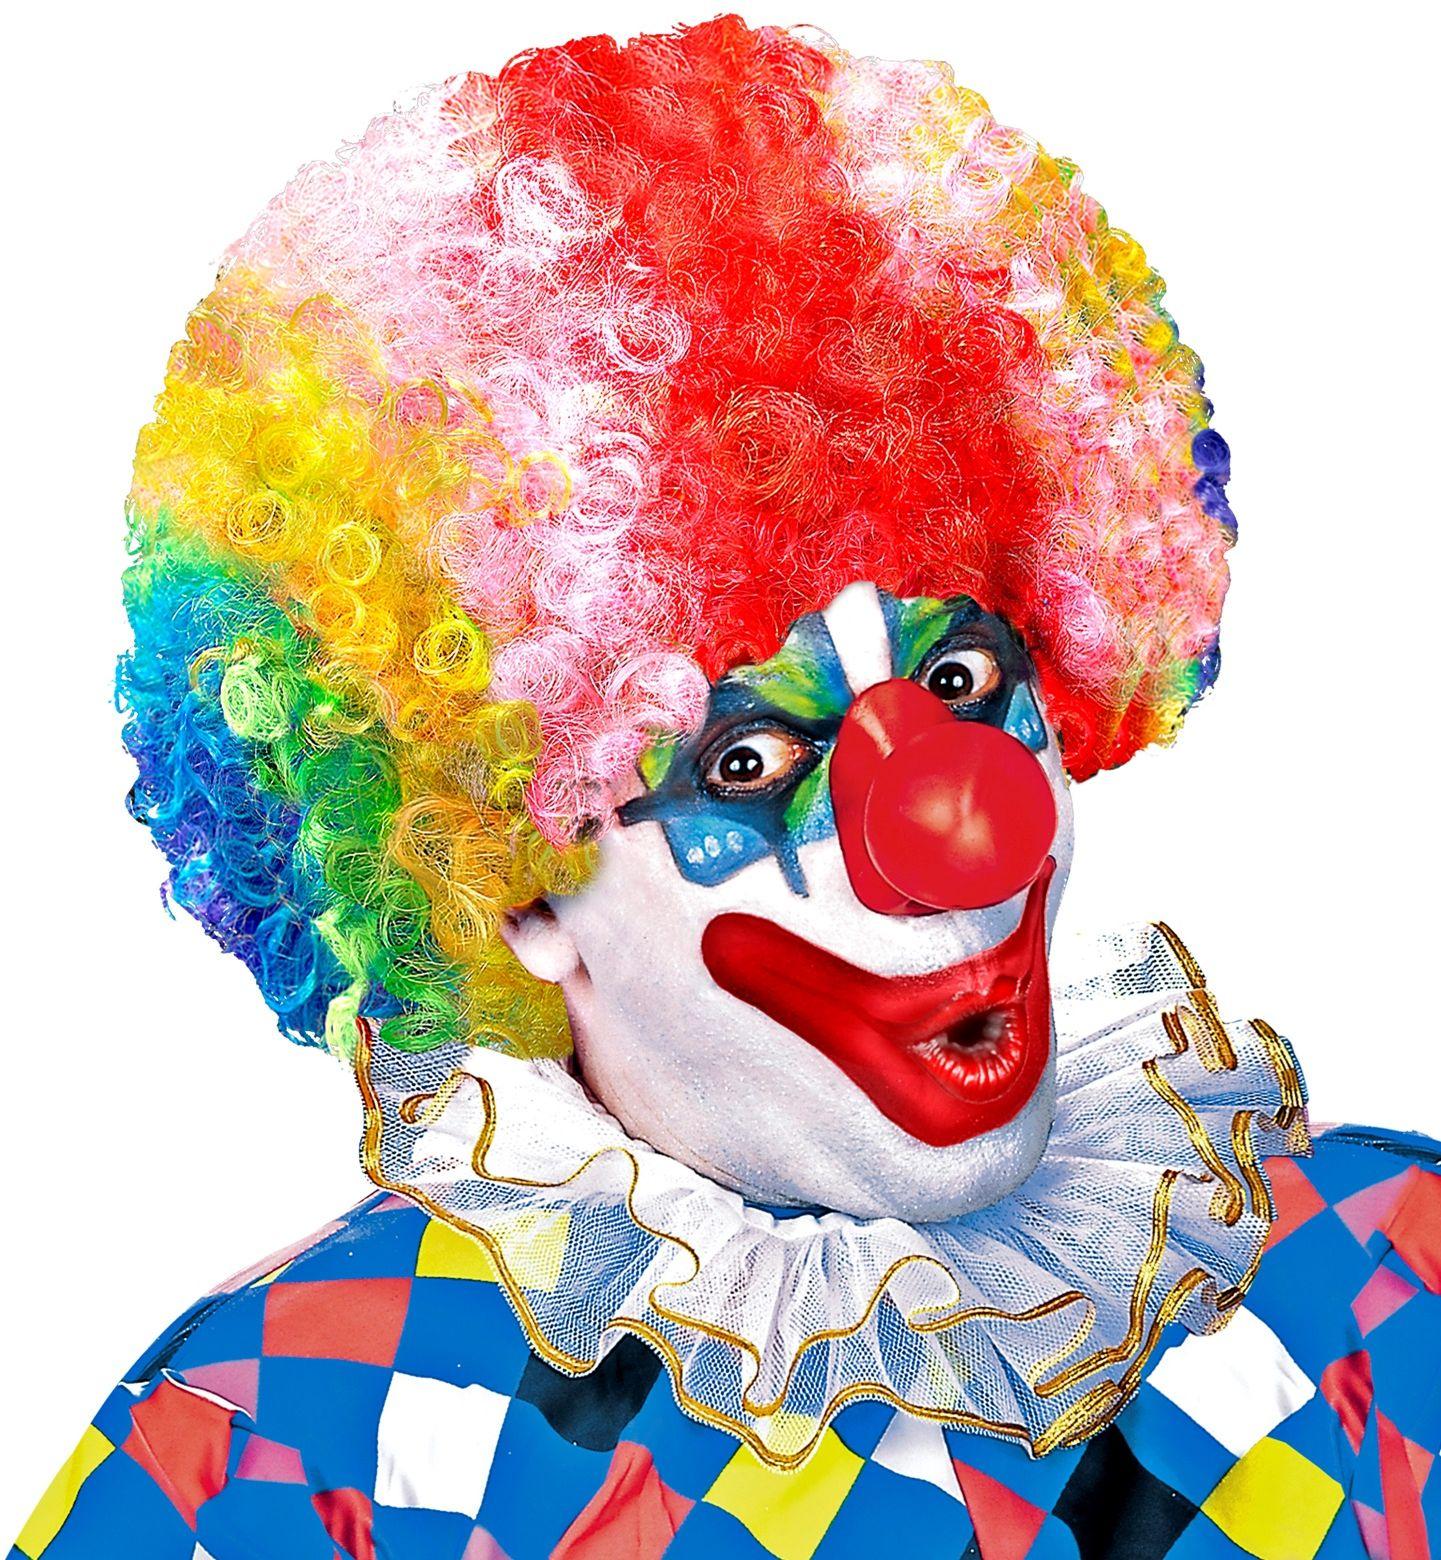 Meerkleurige clowns pruik met krullen